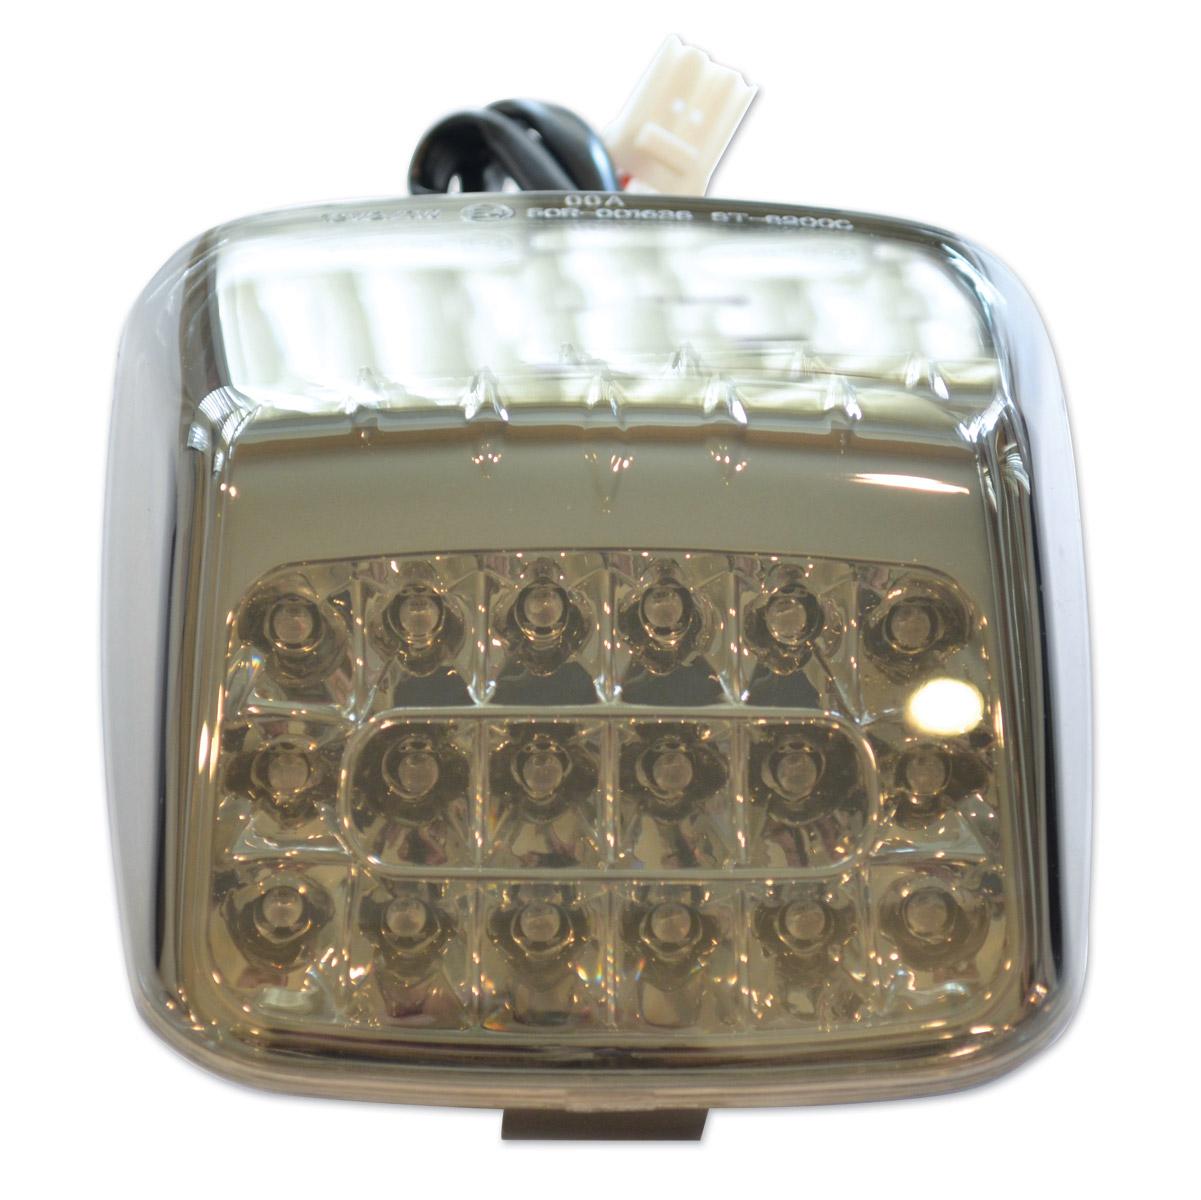 PathfinderLED LED Tail Light